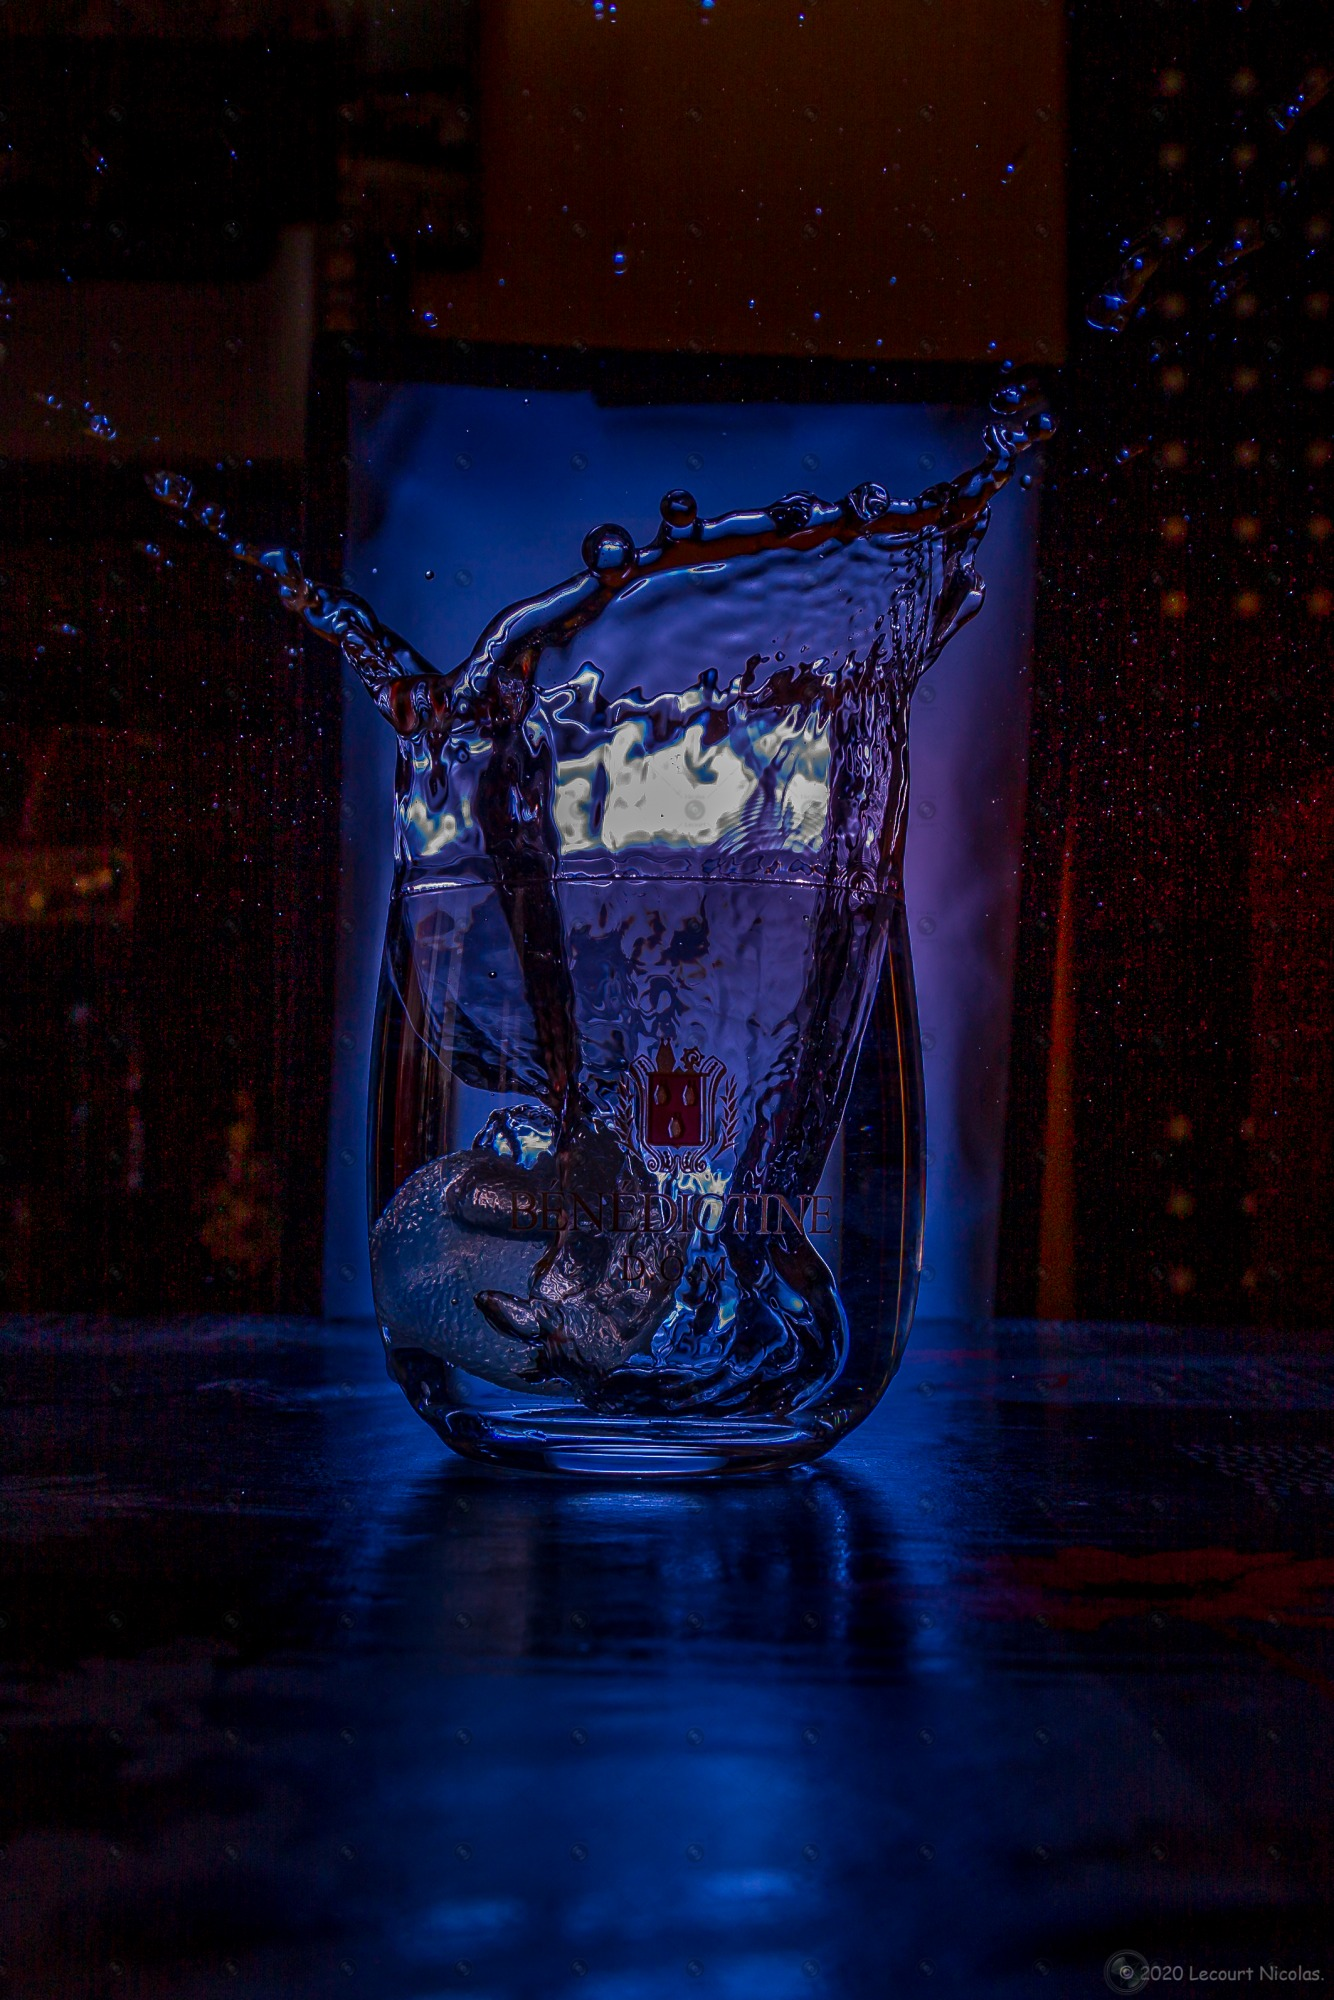 Série de Photo n°5 «Cocktail Multicolor Plus Sombre» – Album de Décoration – Série Photographique